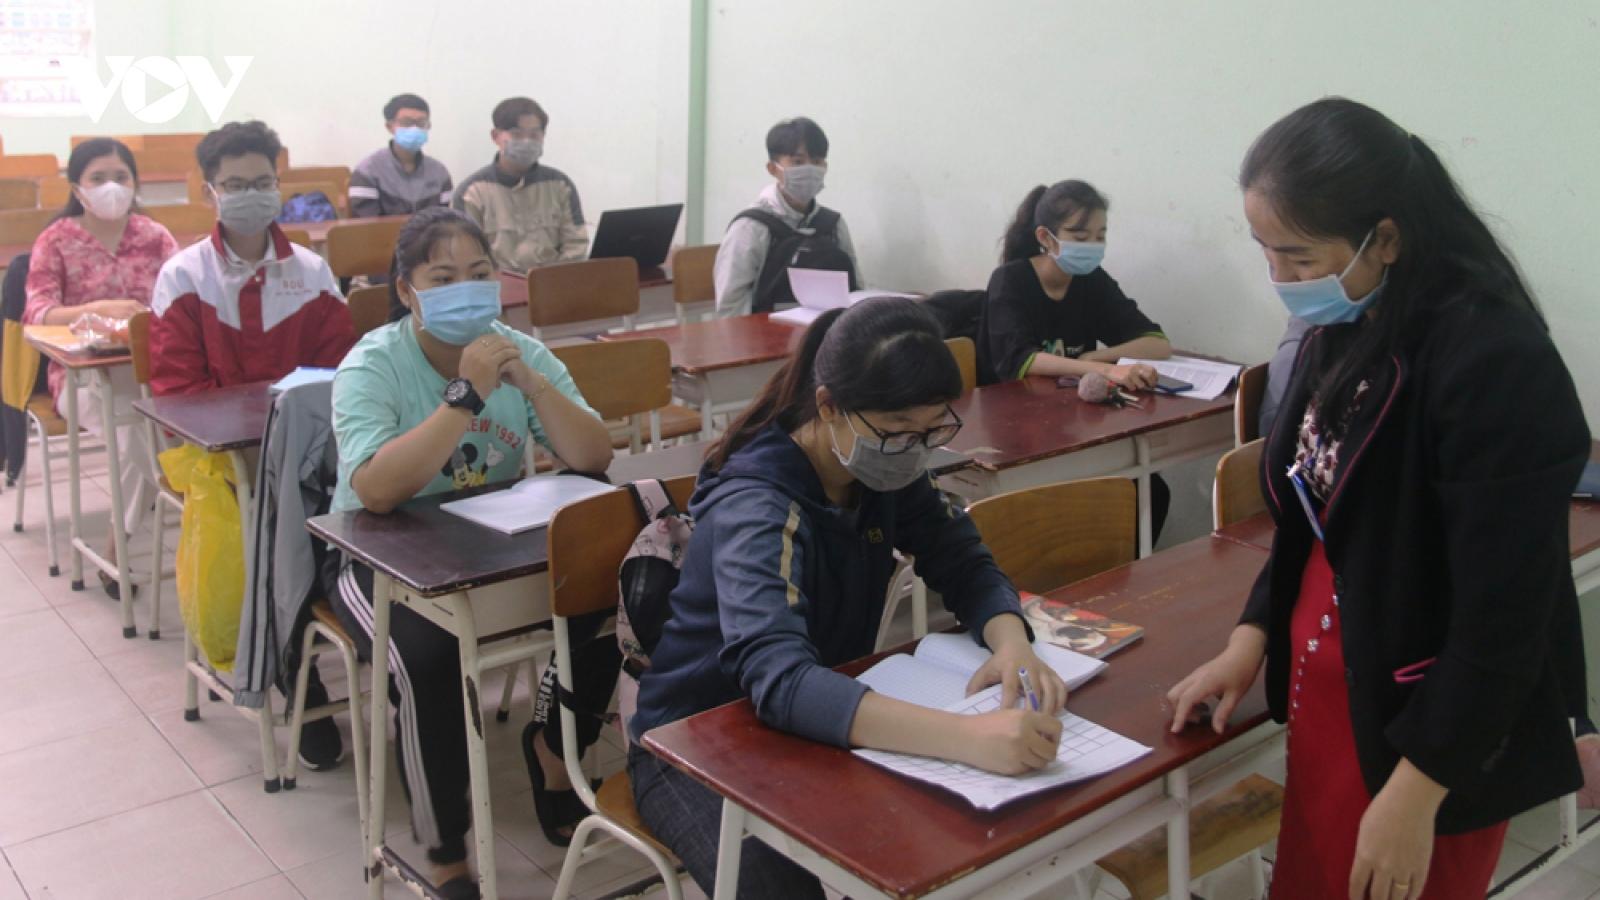 Học sinh, sinh viên nhiều địa phương trở lại trường sau kỳ nghỉ Tết dài